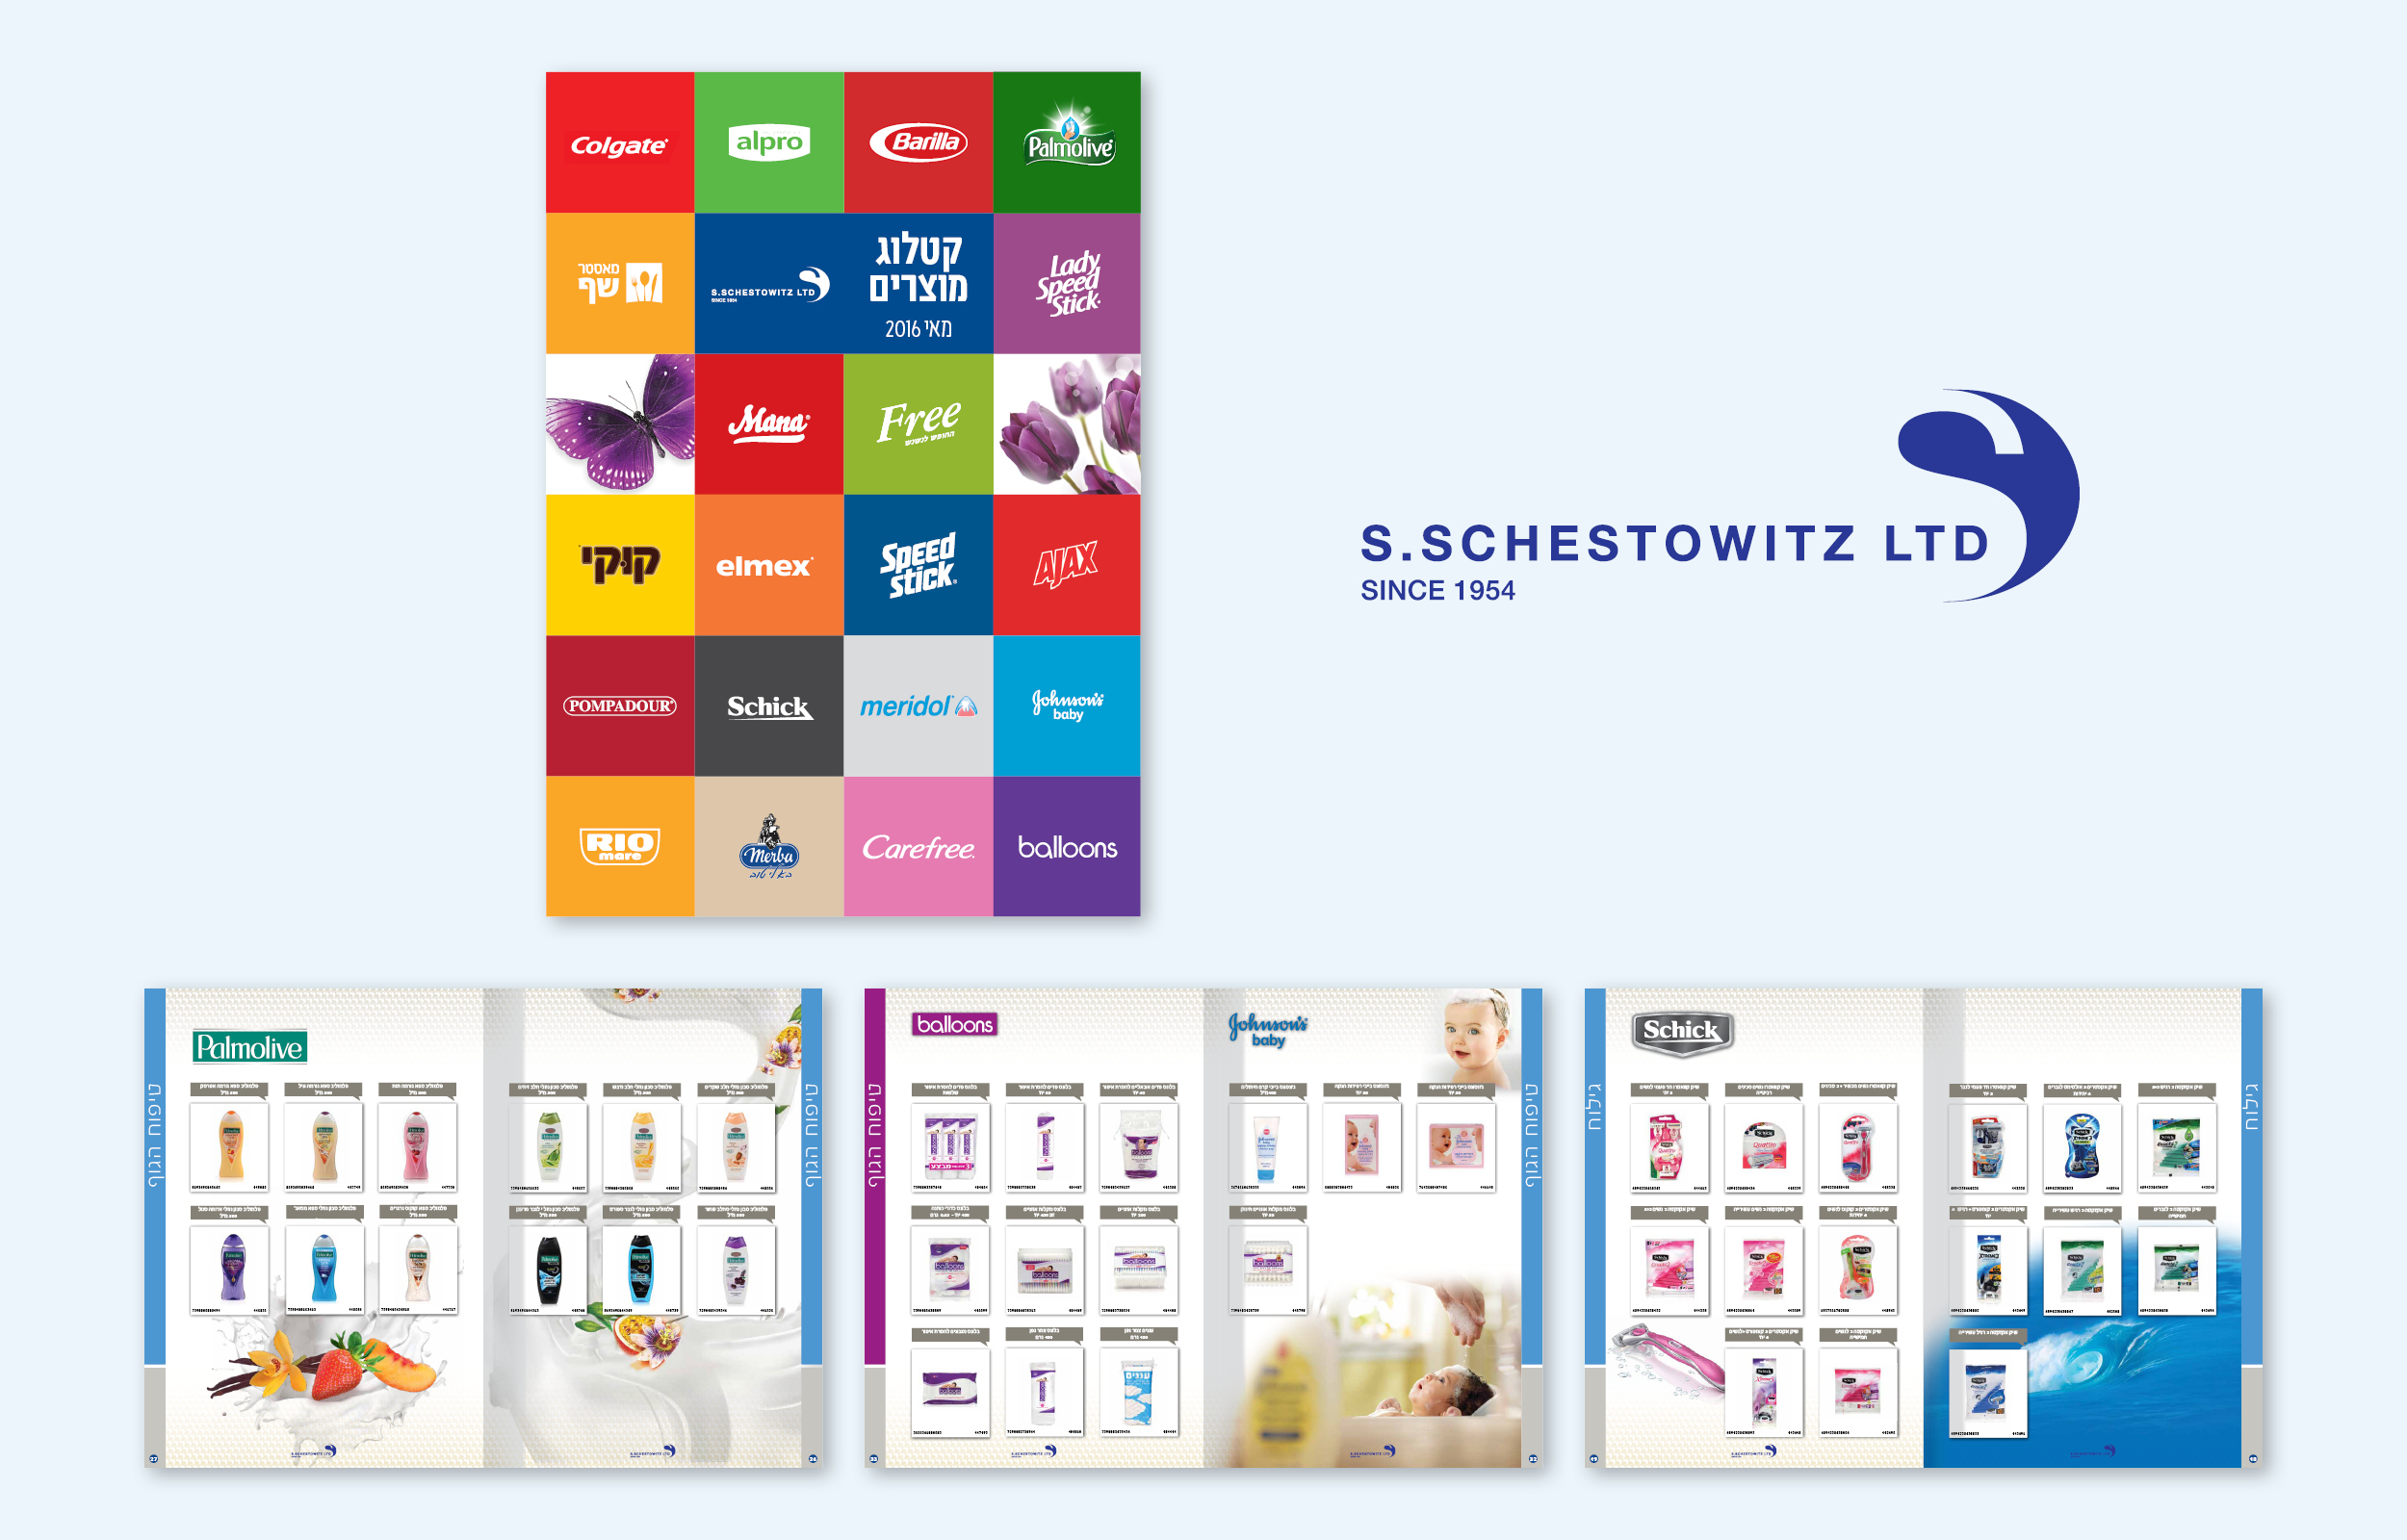 Schestowitz